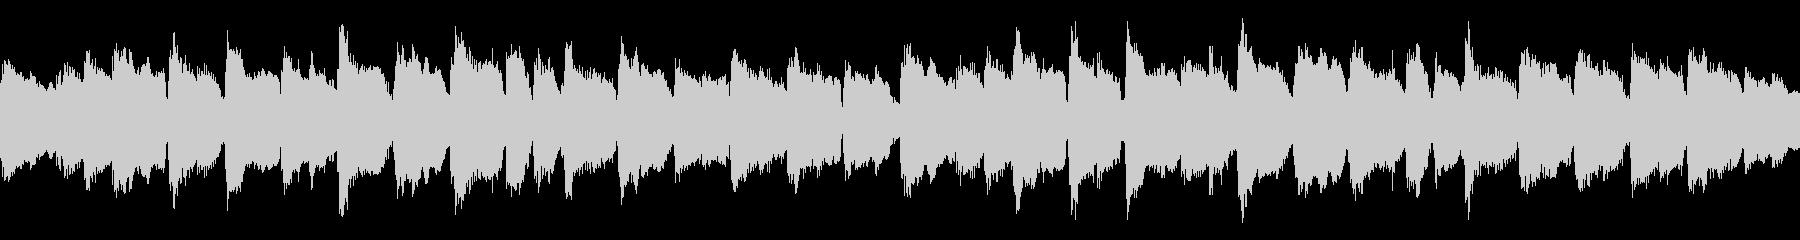 子守唄の様な弦楽器のアンサンブルのループの未再生の波形